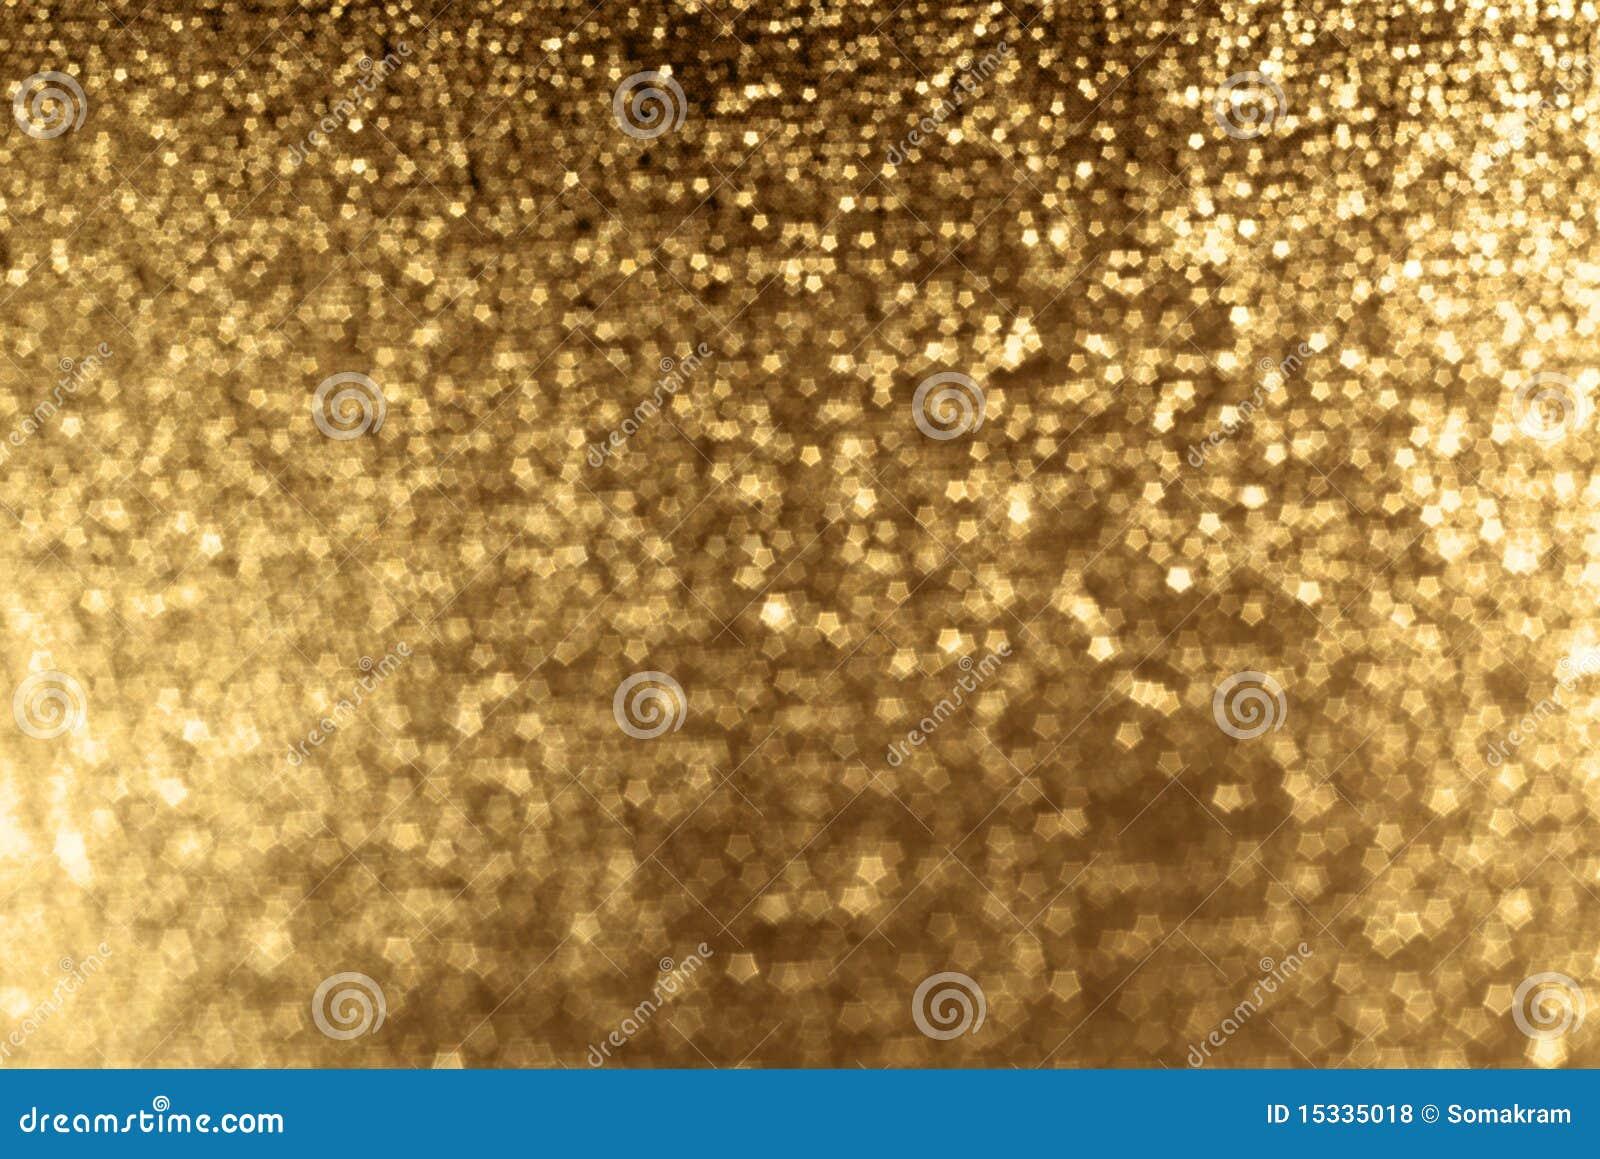 золото предпосылки сверкная